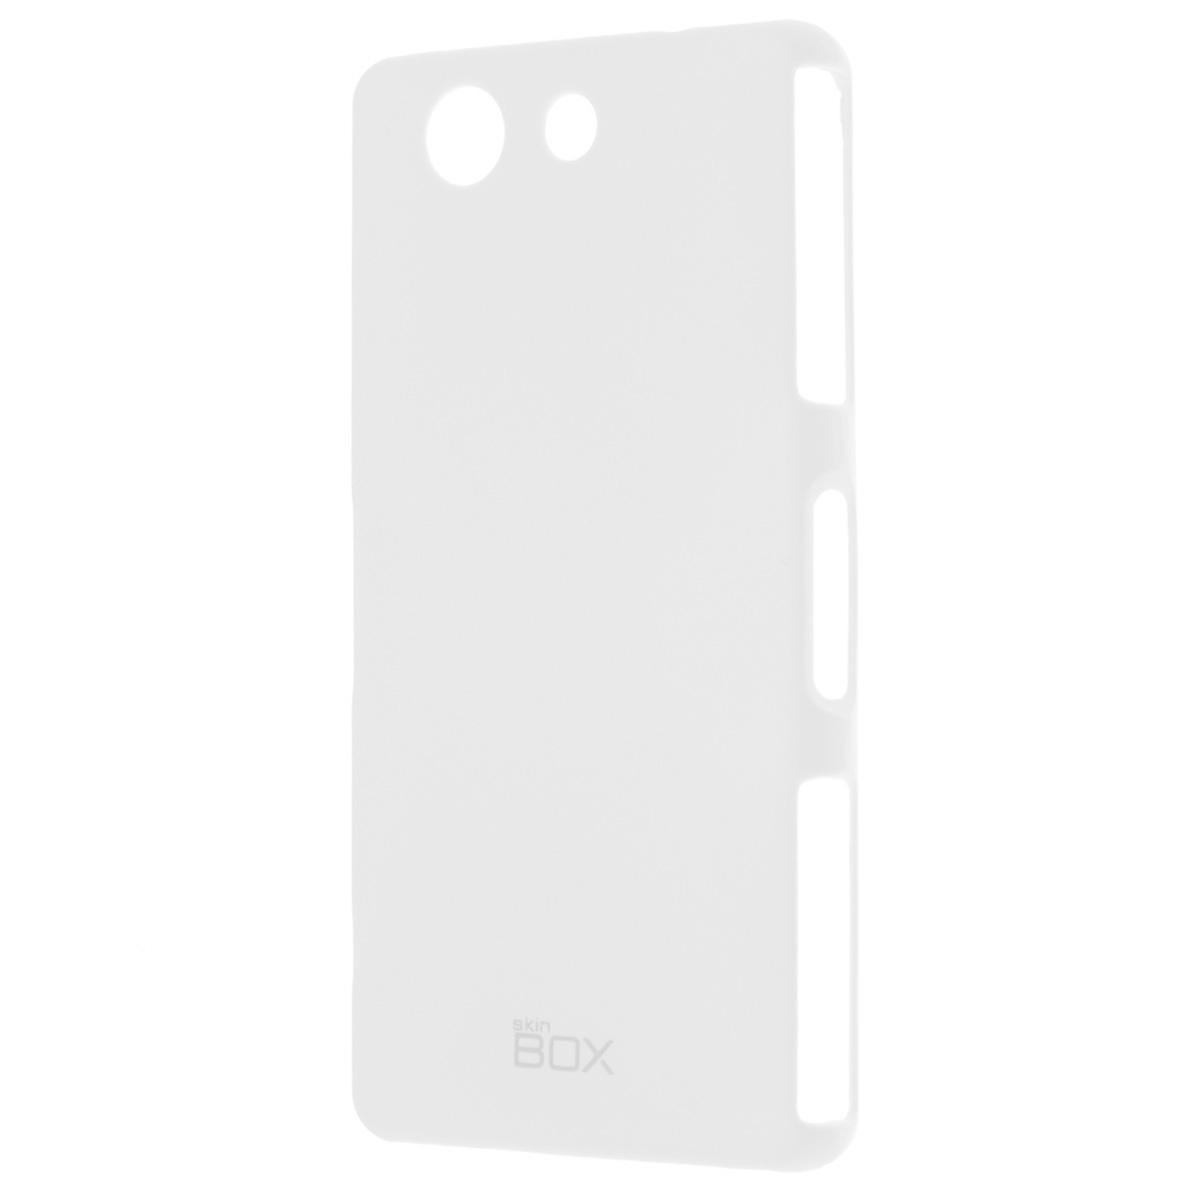 Skinbox Shield 4People чехол для Sony Xperia Z3 Compact, WhiteT-S-SXZ3C-002Накладка Skinbox Shield 4People для Sony Xperia Z3 Compact - отличный аксессуар для защиты корпуса вашего смартфона от внешних повреждений, сохраняющий размеры устройства и обеспечивающий удобство работы с ним. Устойчивый к истиранию пластик надежно амортизирует мелкие механические воздействия и предотвращает появление царапин или потертостей на корпусе вашего гаджета.